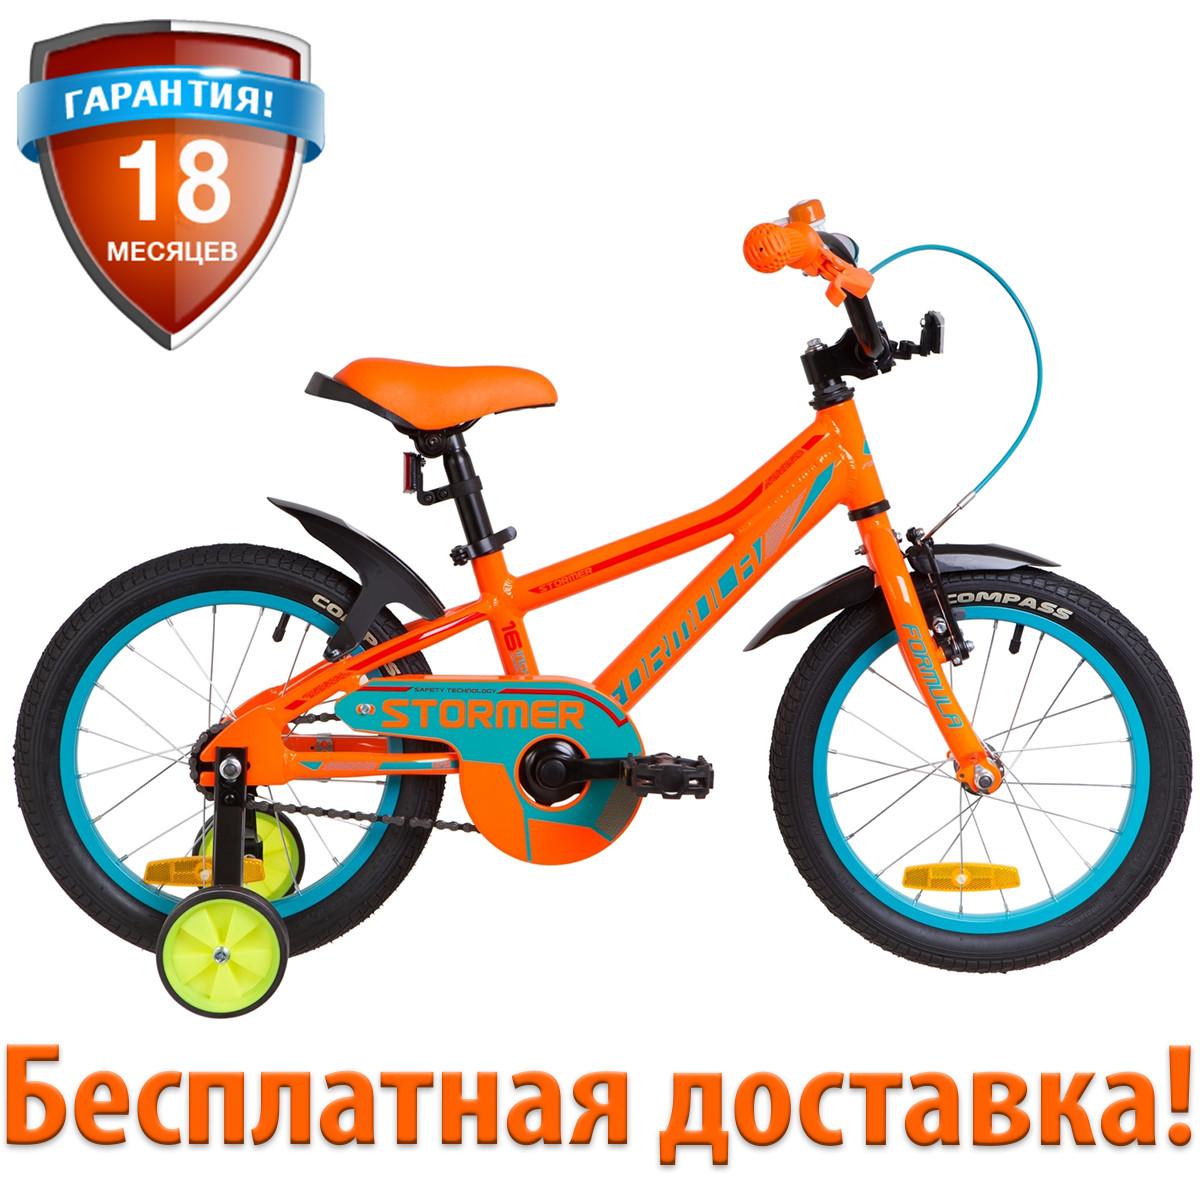 """Детский велосипед с дополнительными колесами 18"""" Formula STORMER 2019 (оранжевый)"""